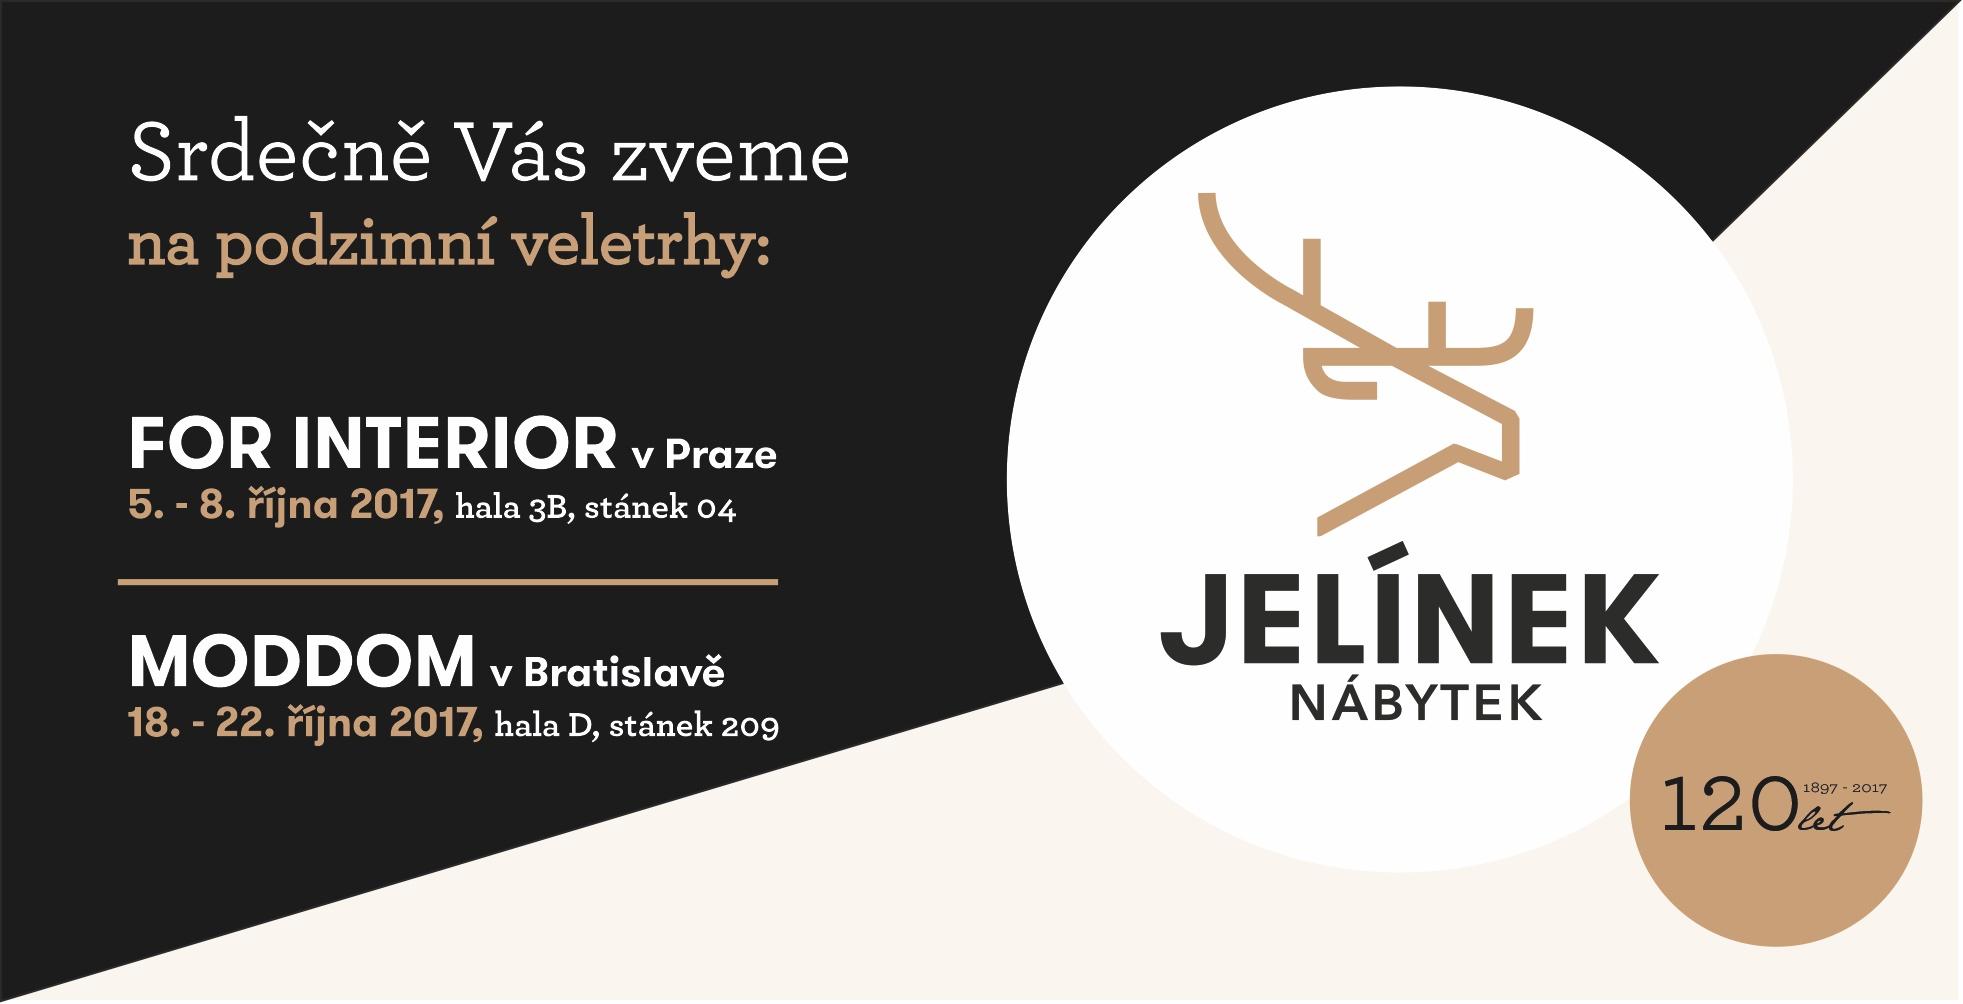 Navštivte nás na podzimních veletrzích v Praze a Bratislavě